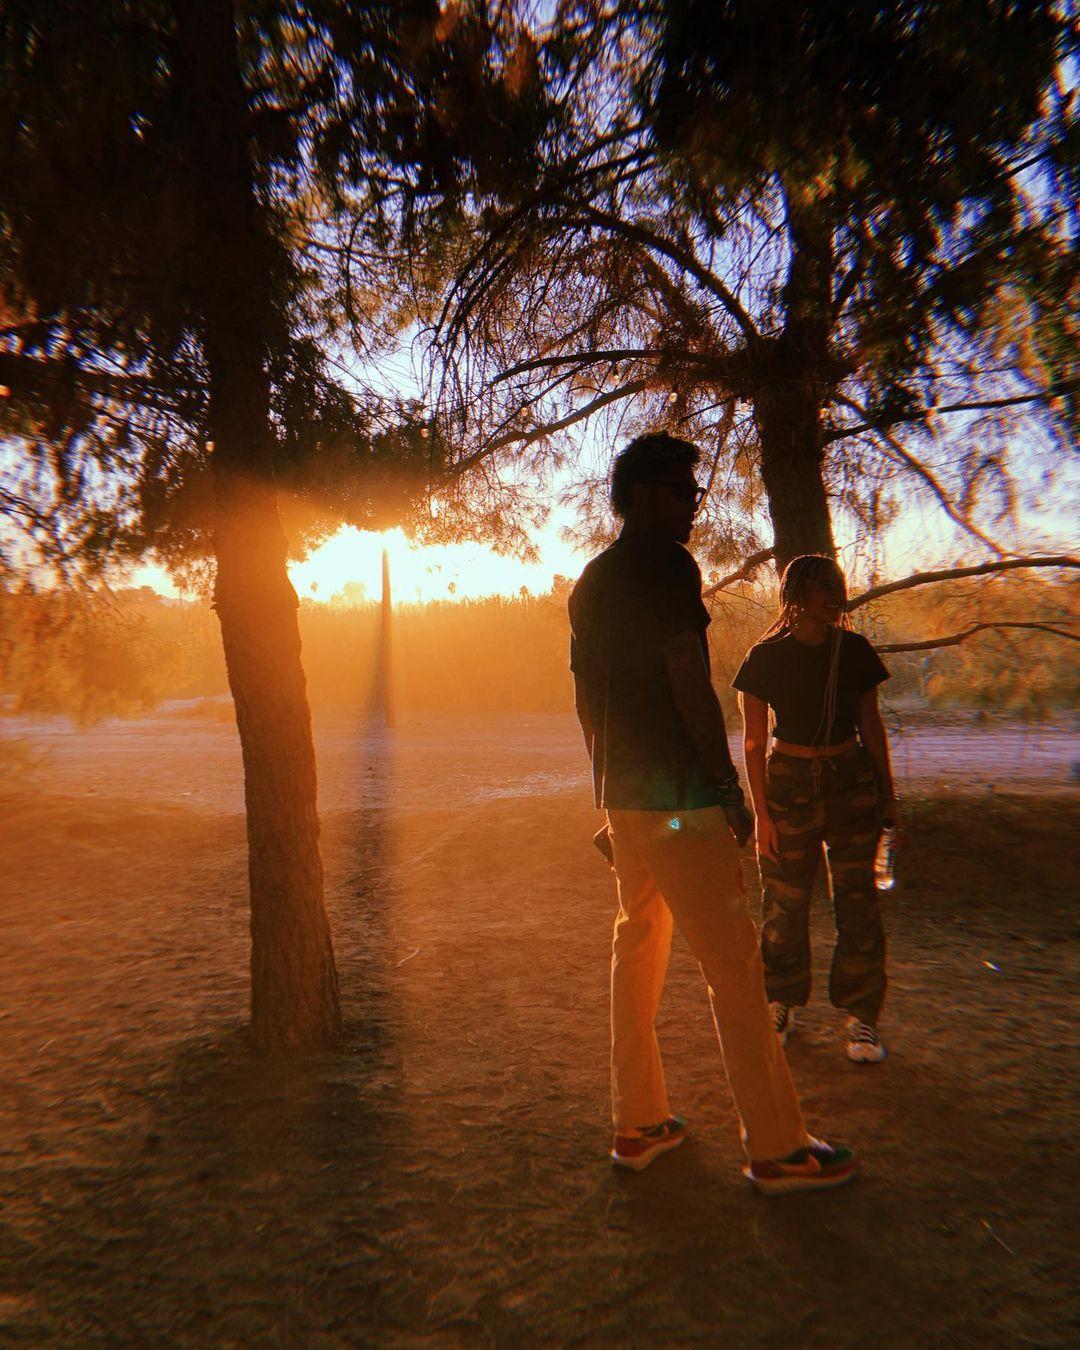 乌布雷晒照秀恩亚博城手机注册爱:我们手牵着手朝着太阳走去